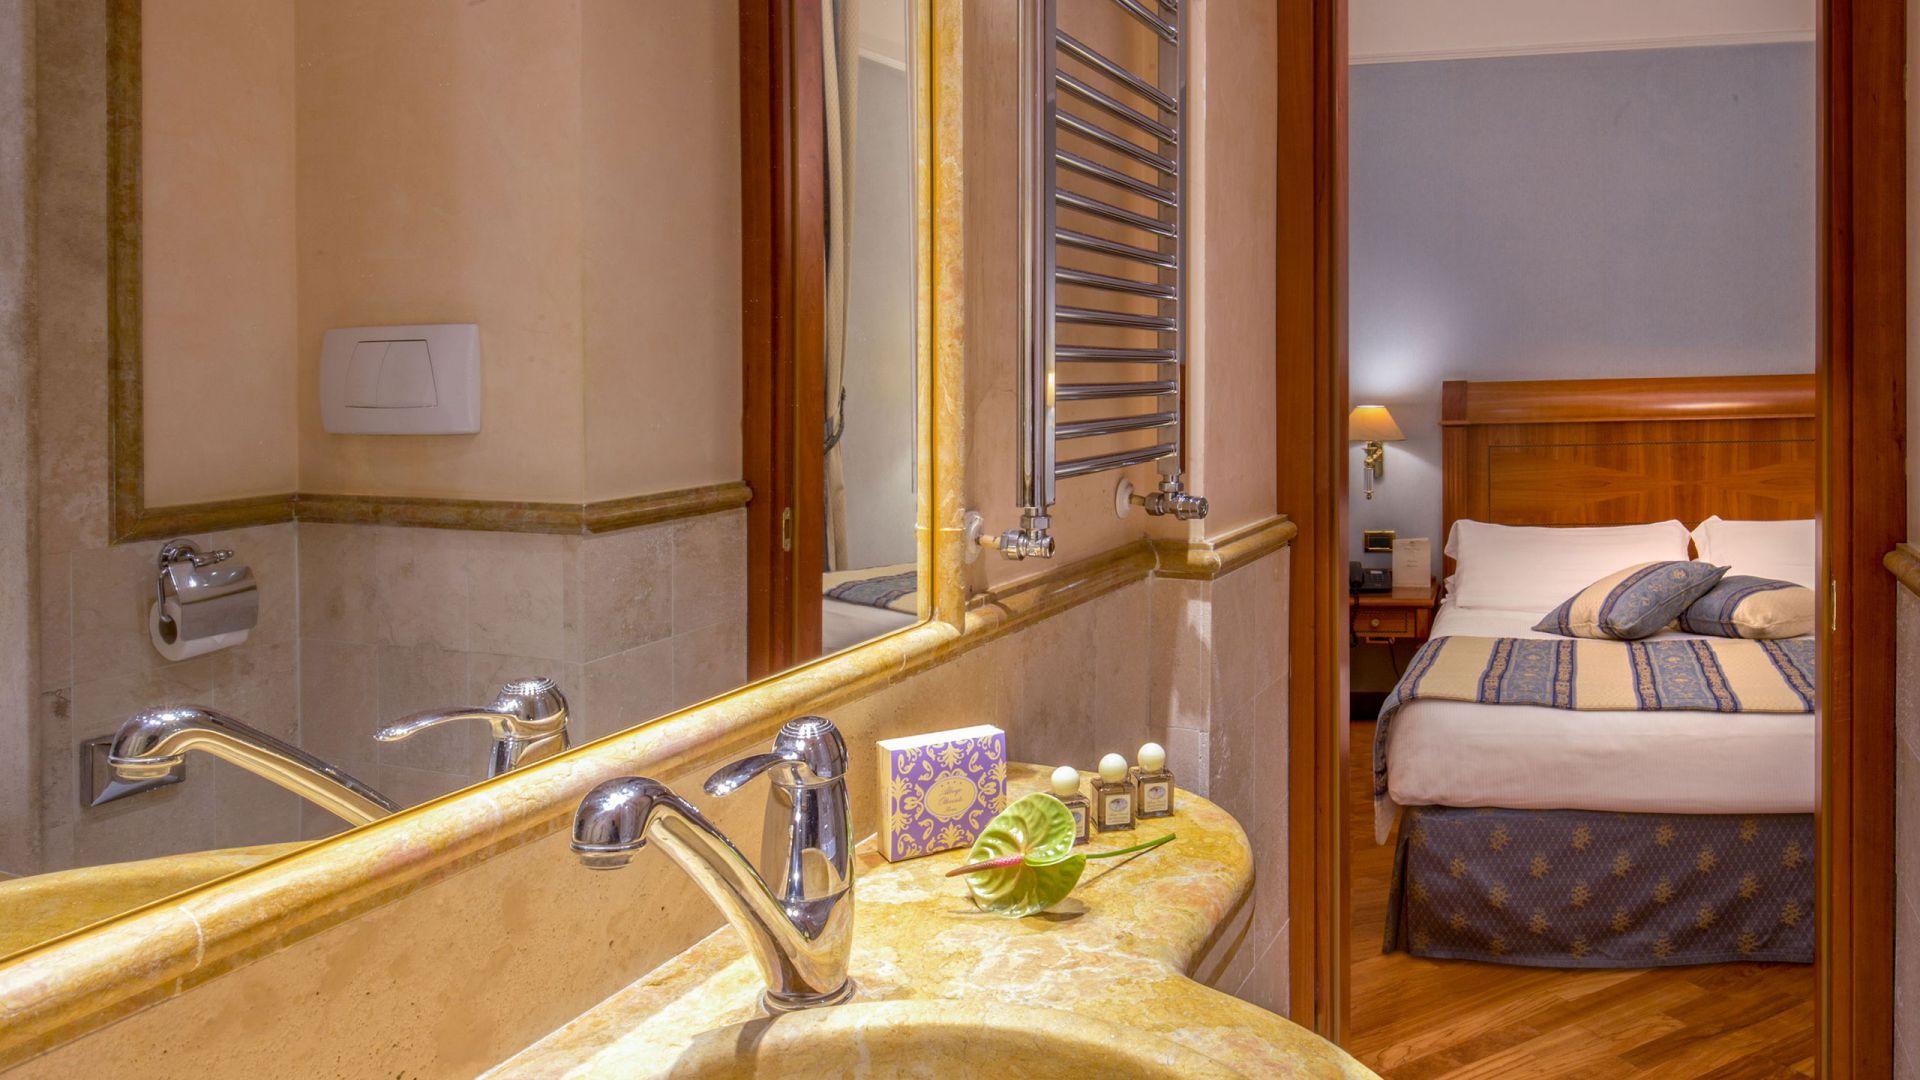 albergo-ottocento-rome-chambre-double-classic-02